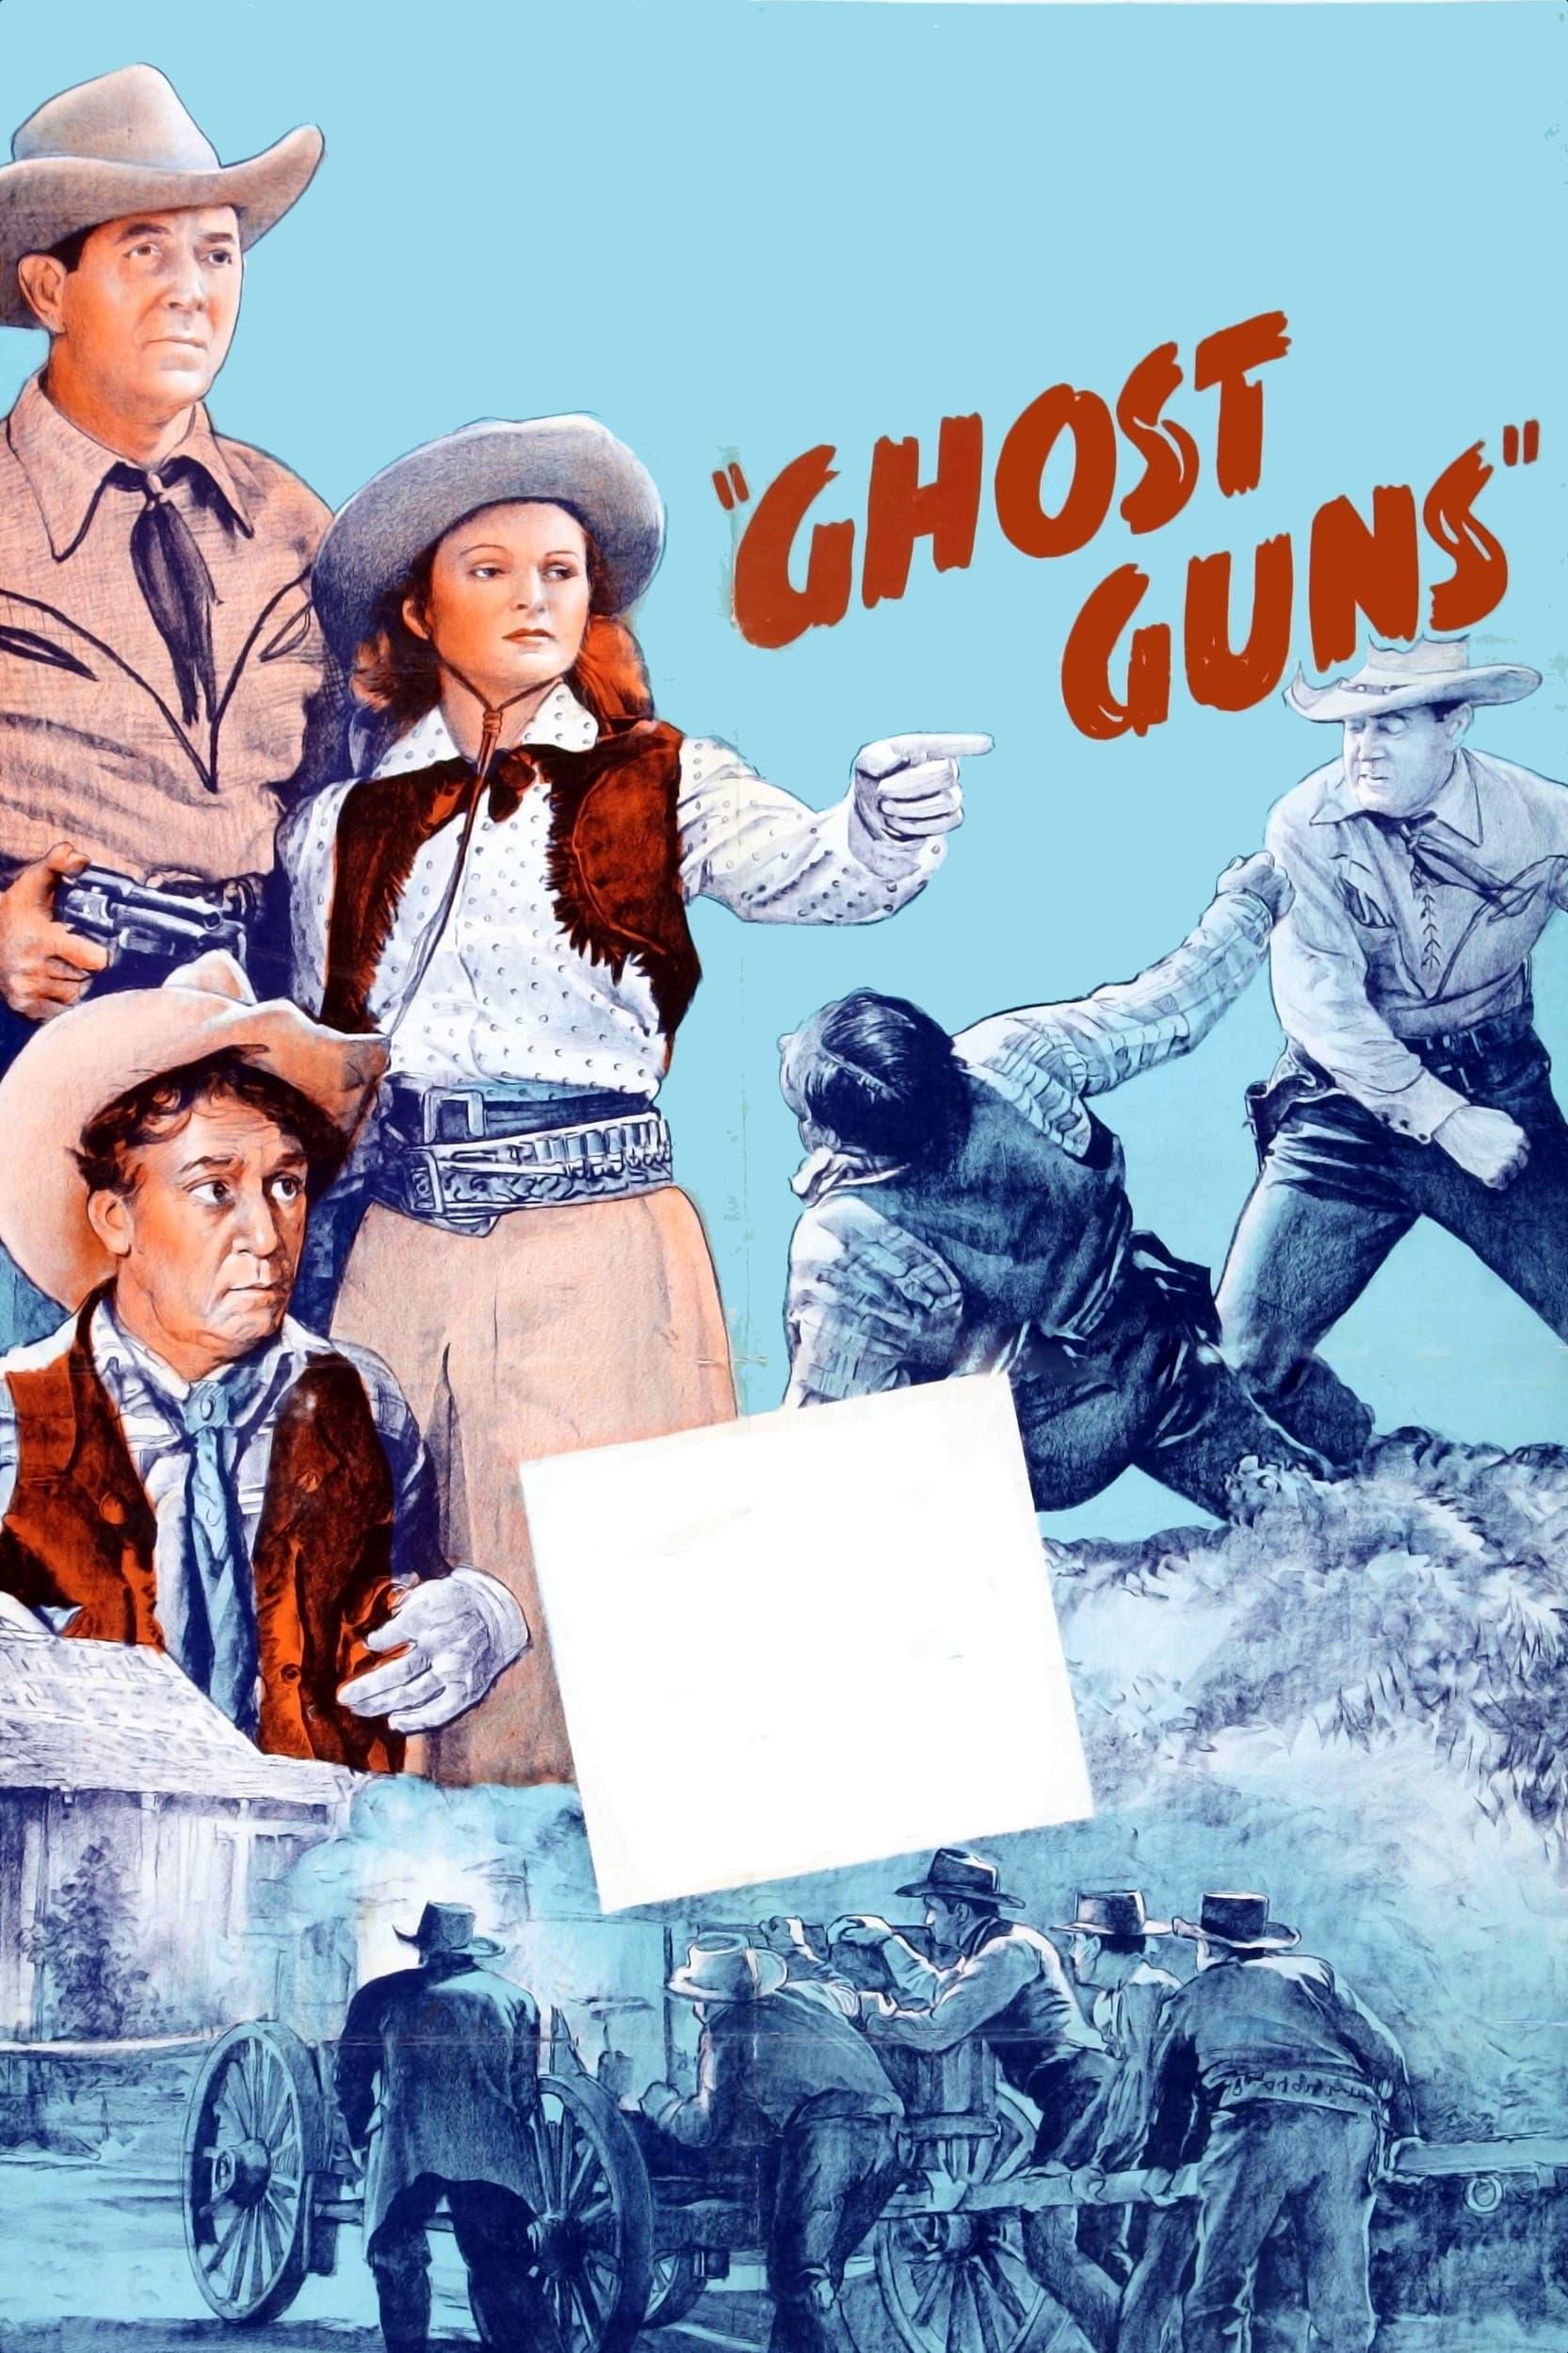 Ghost Guns